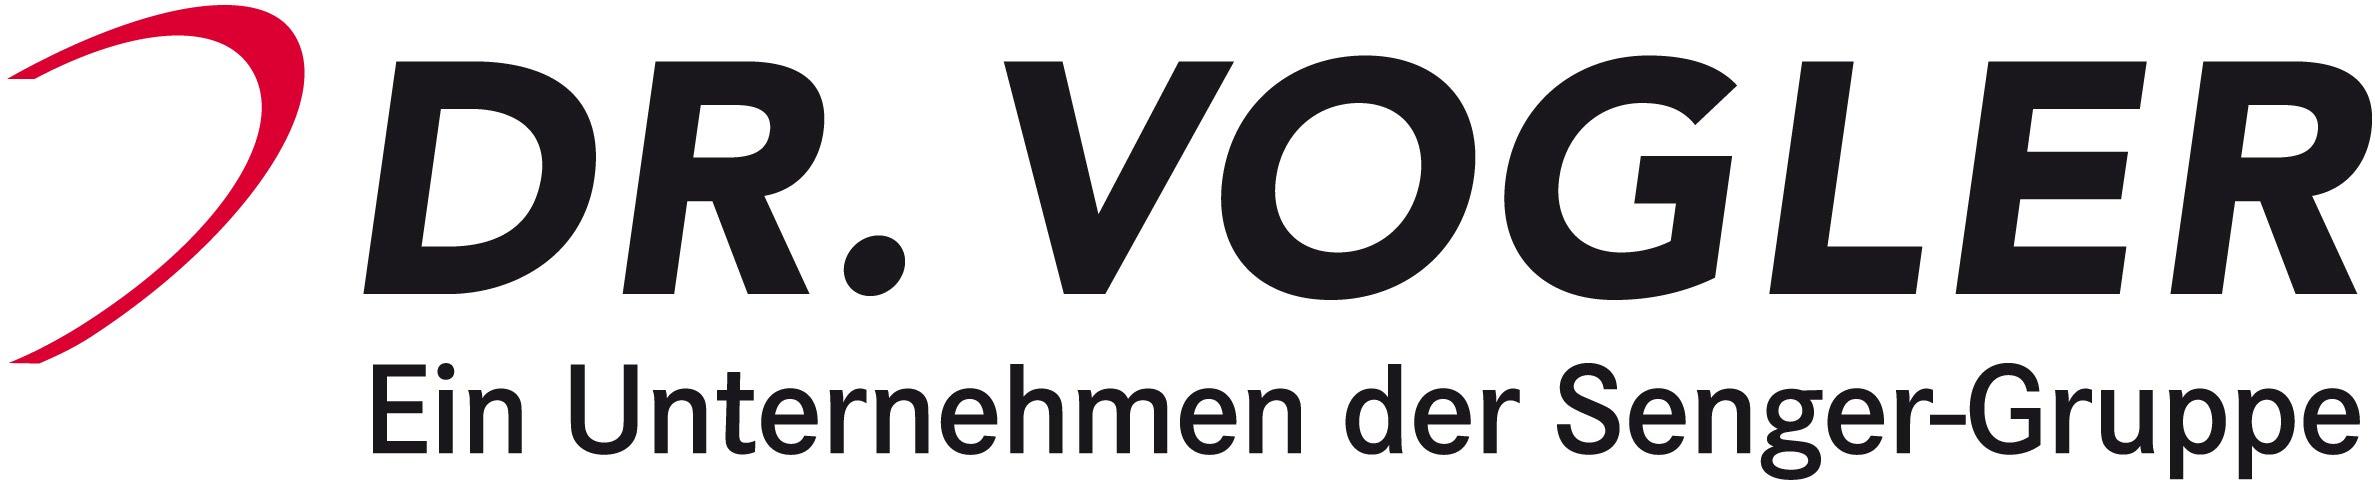 http://www.dr-vogler.de